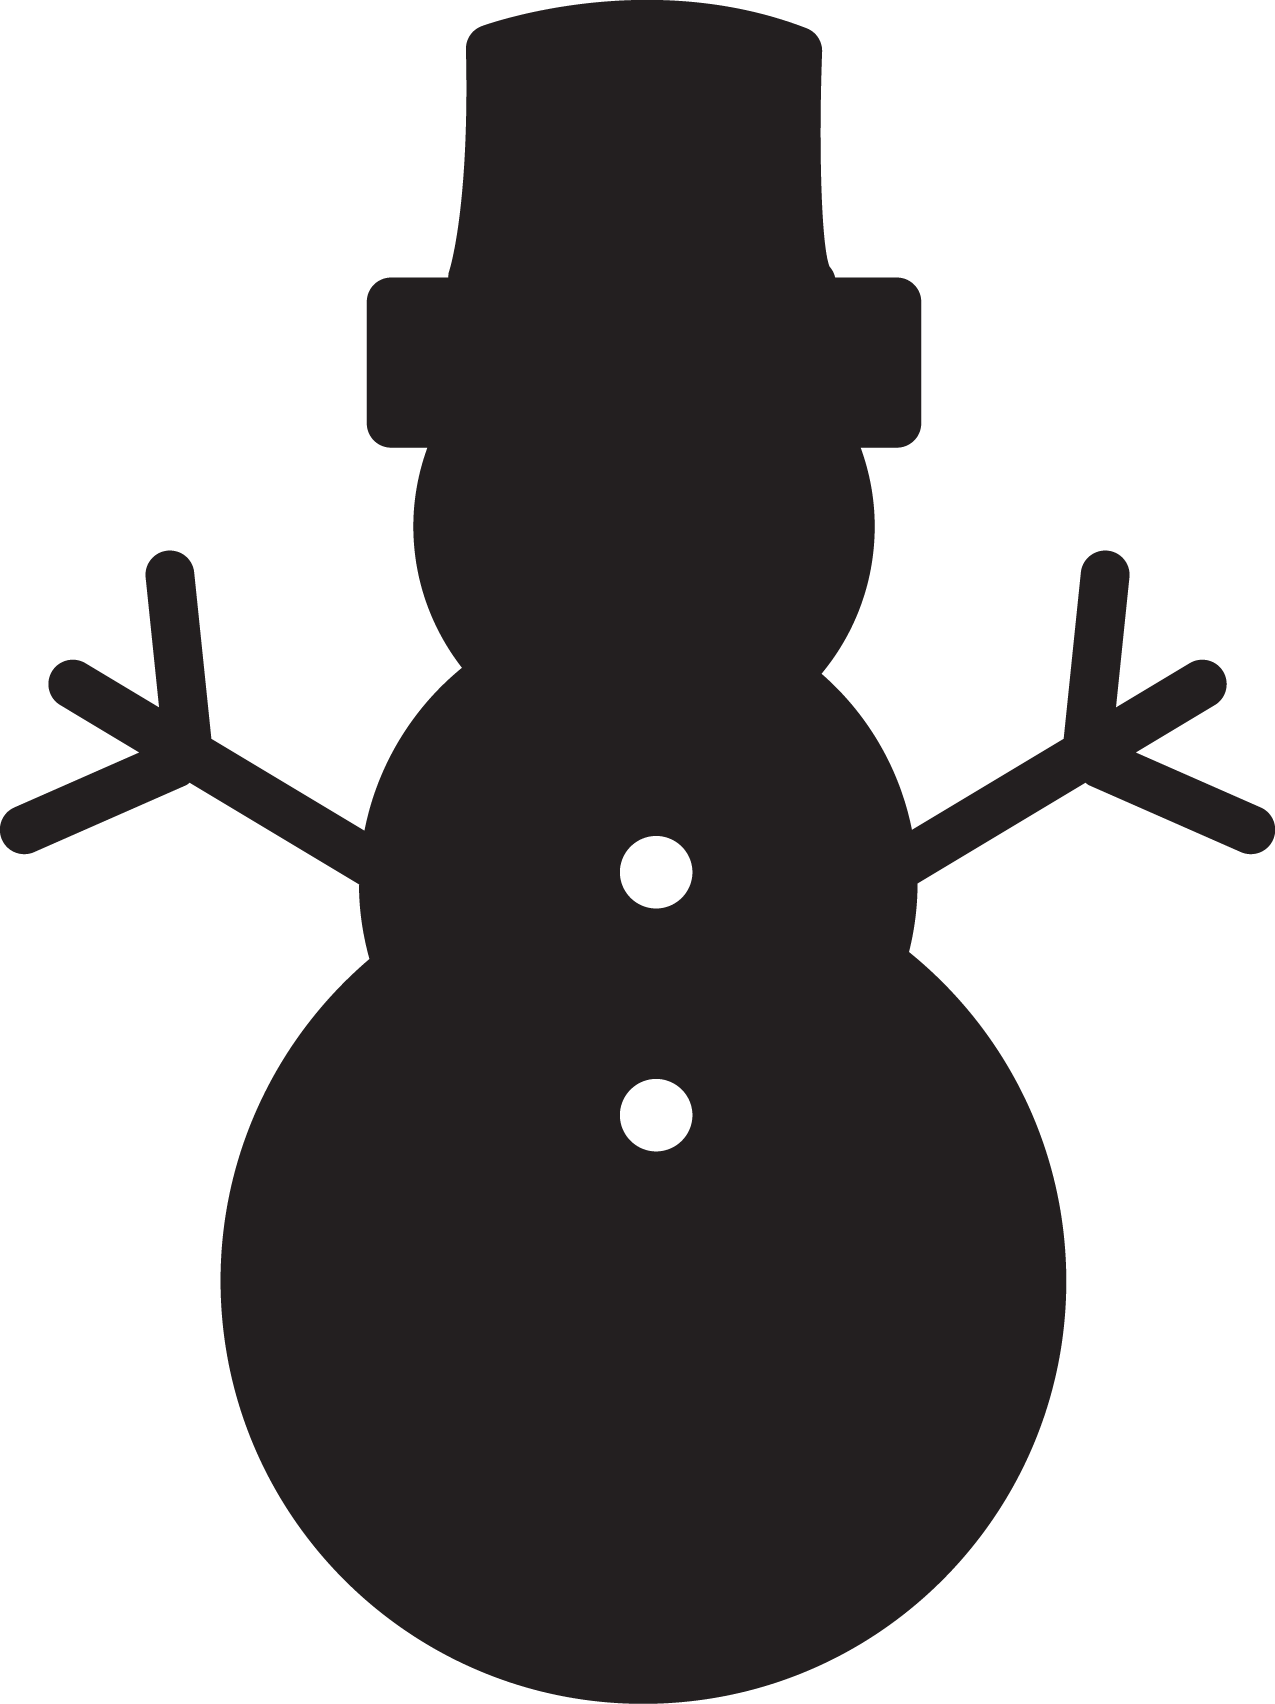 Snowman_blk_rgb